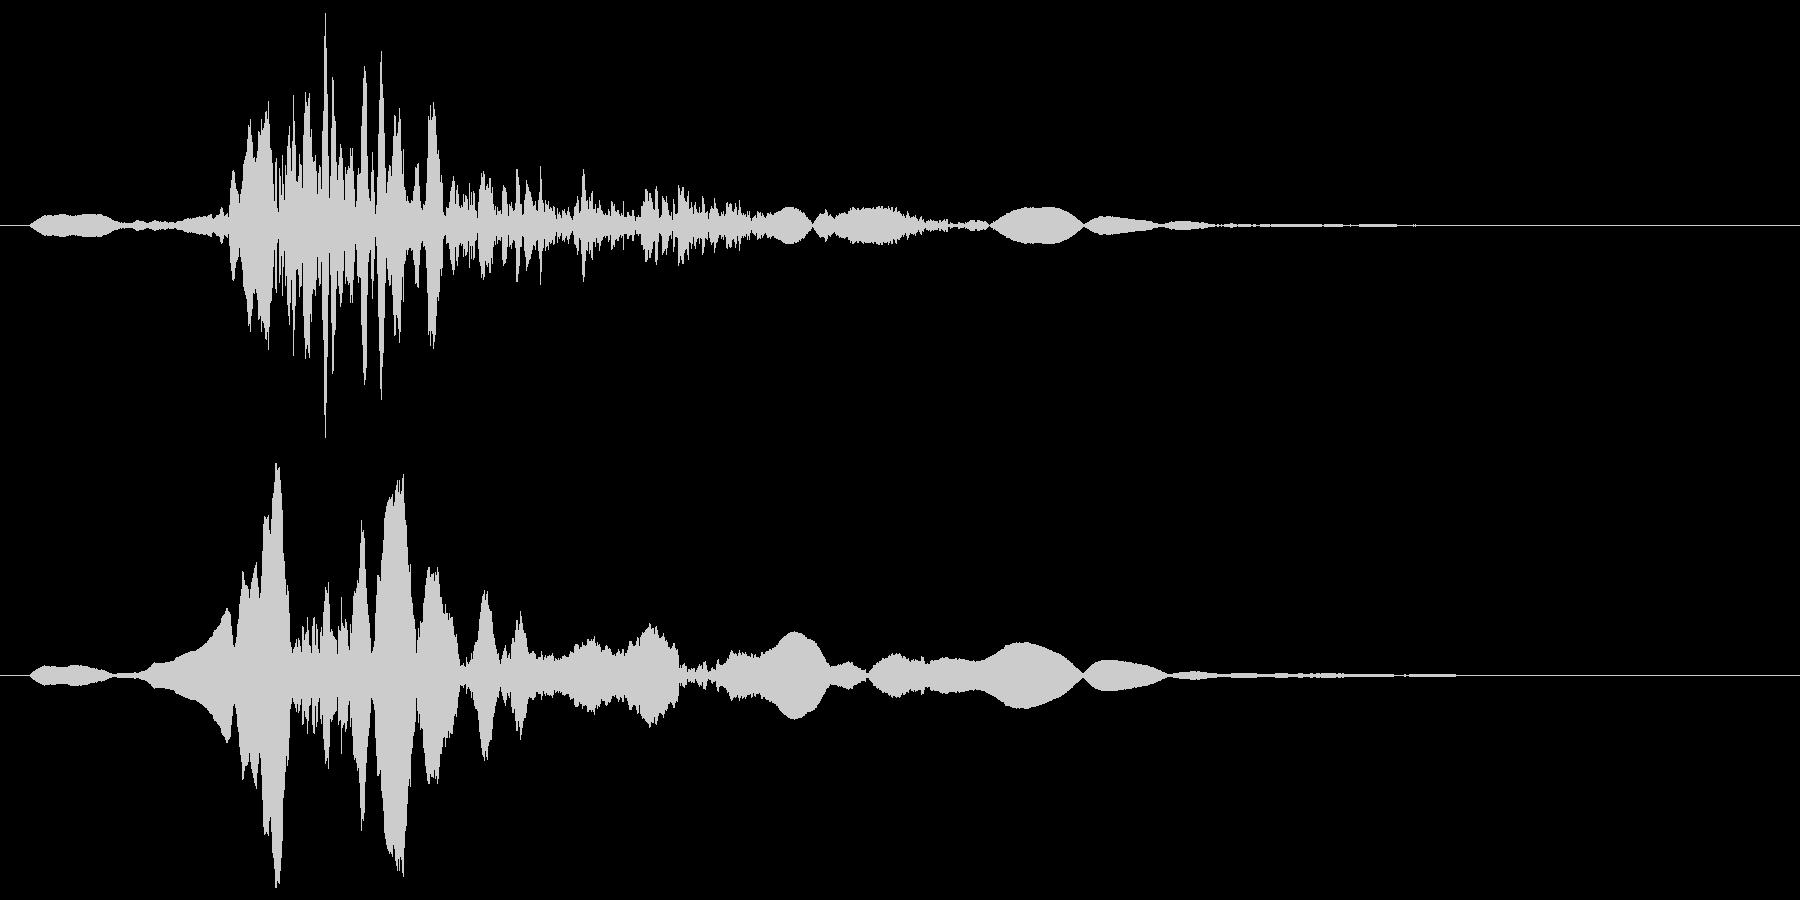 ザッ!というエアーな効果音の未再生の波形